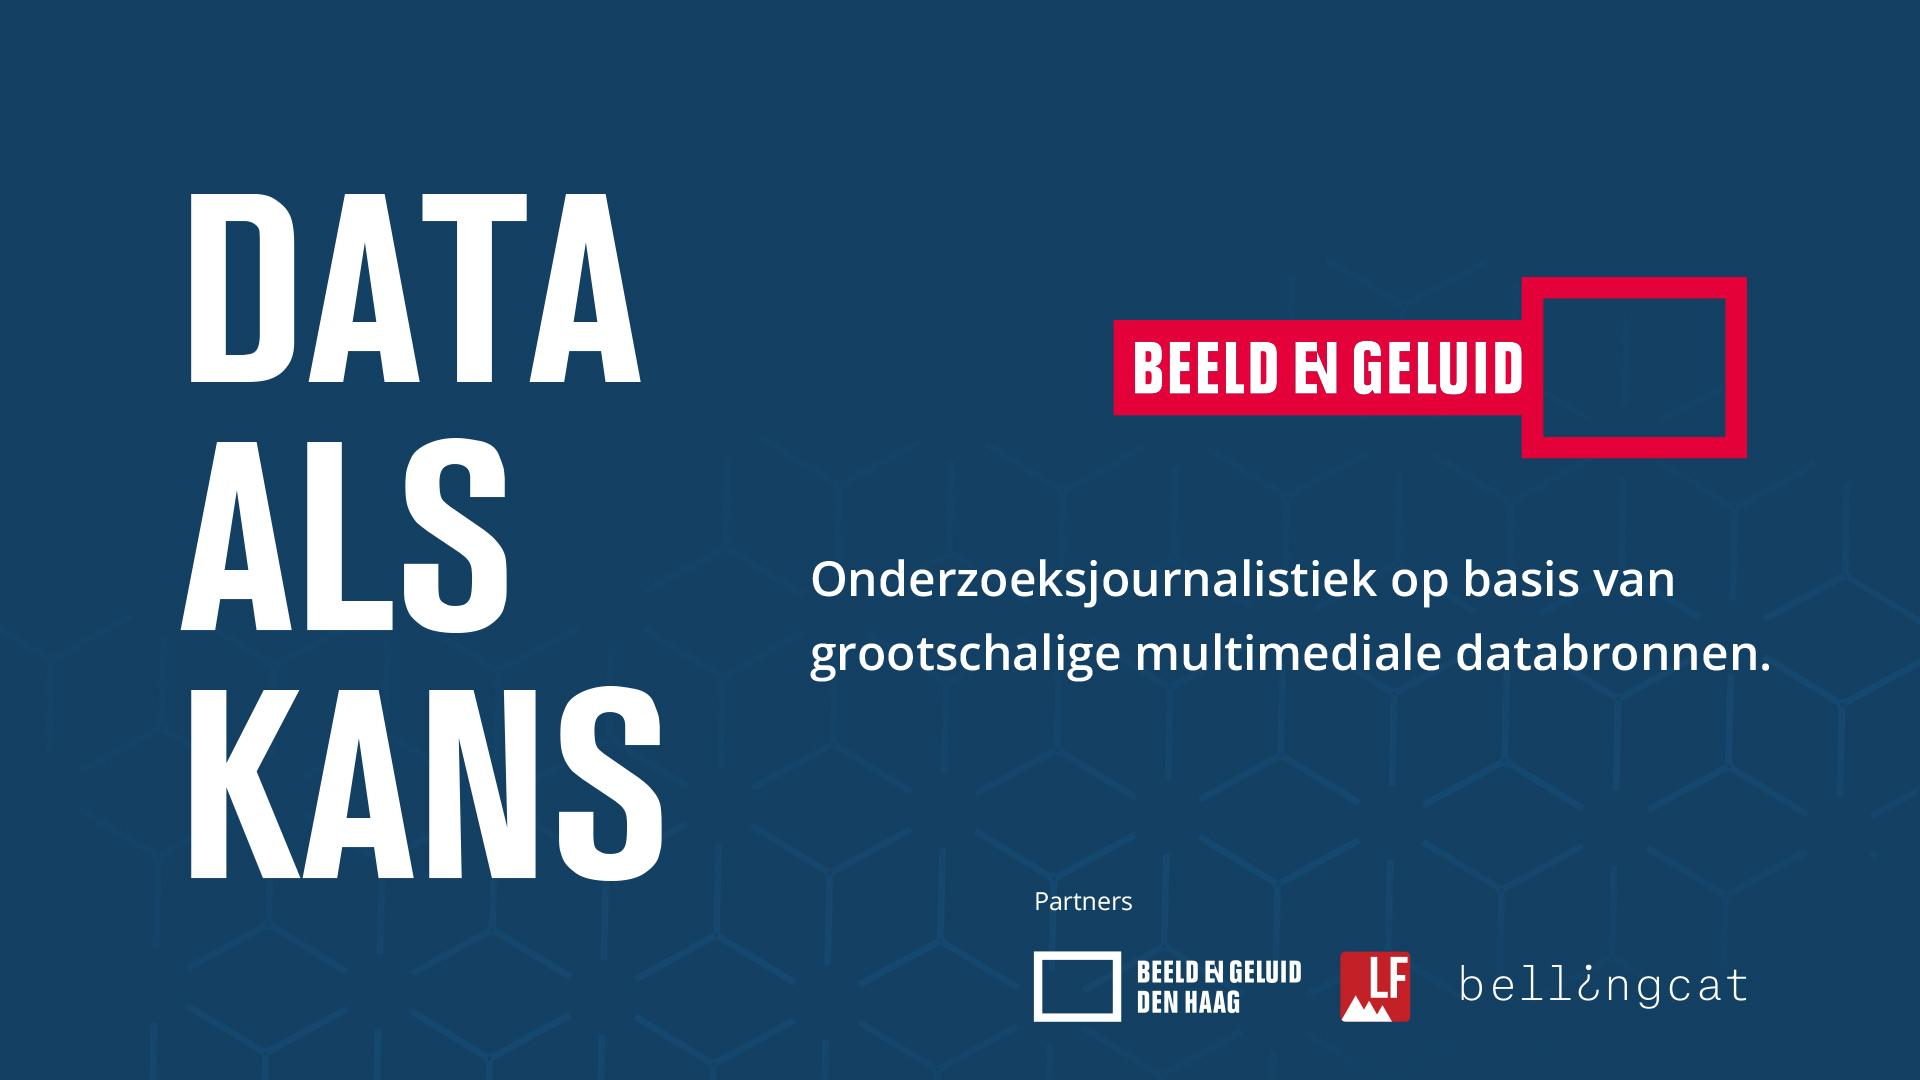 data-als-kans-2